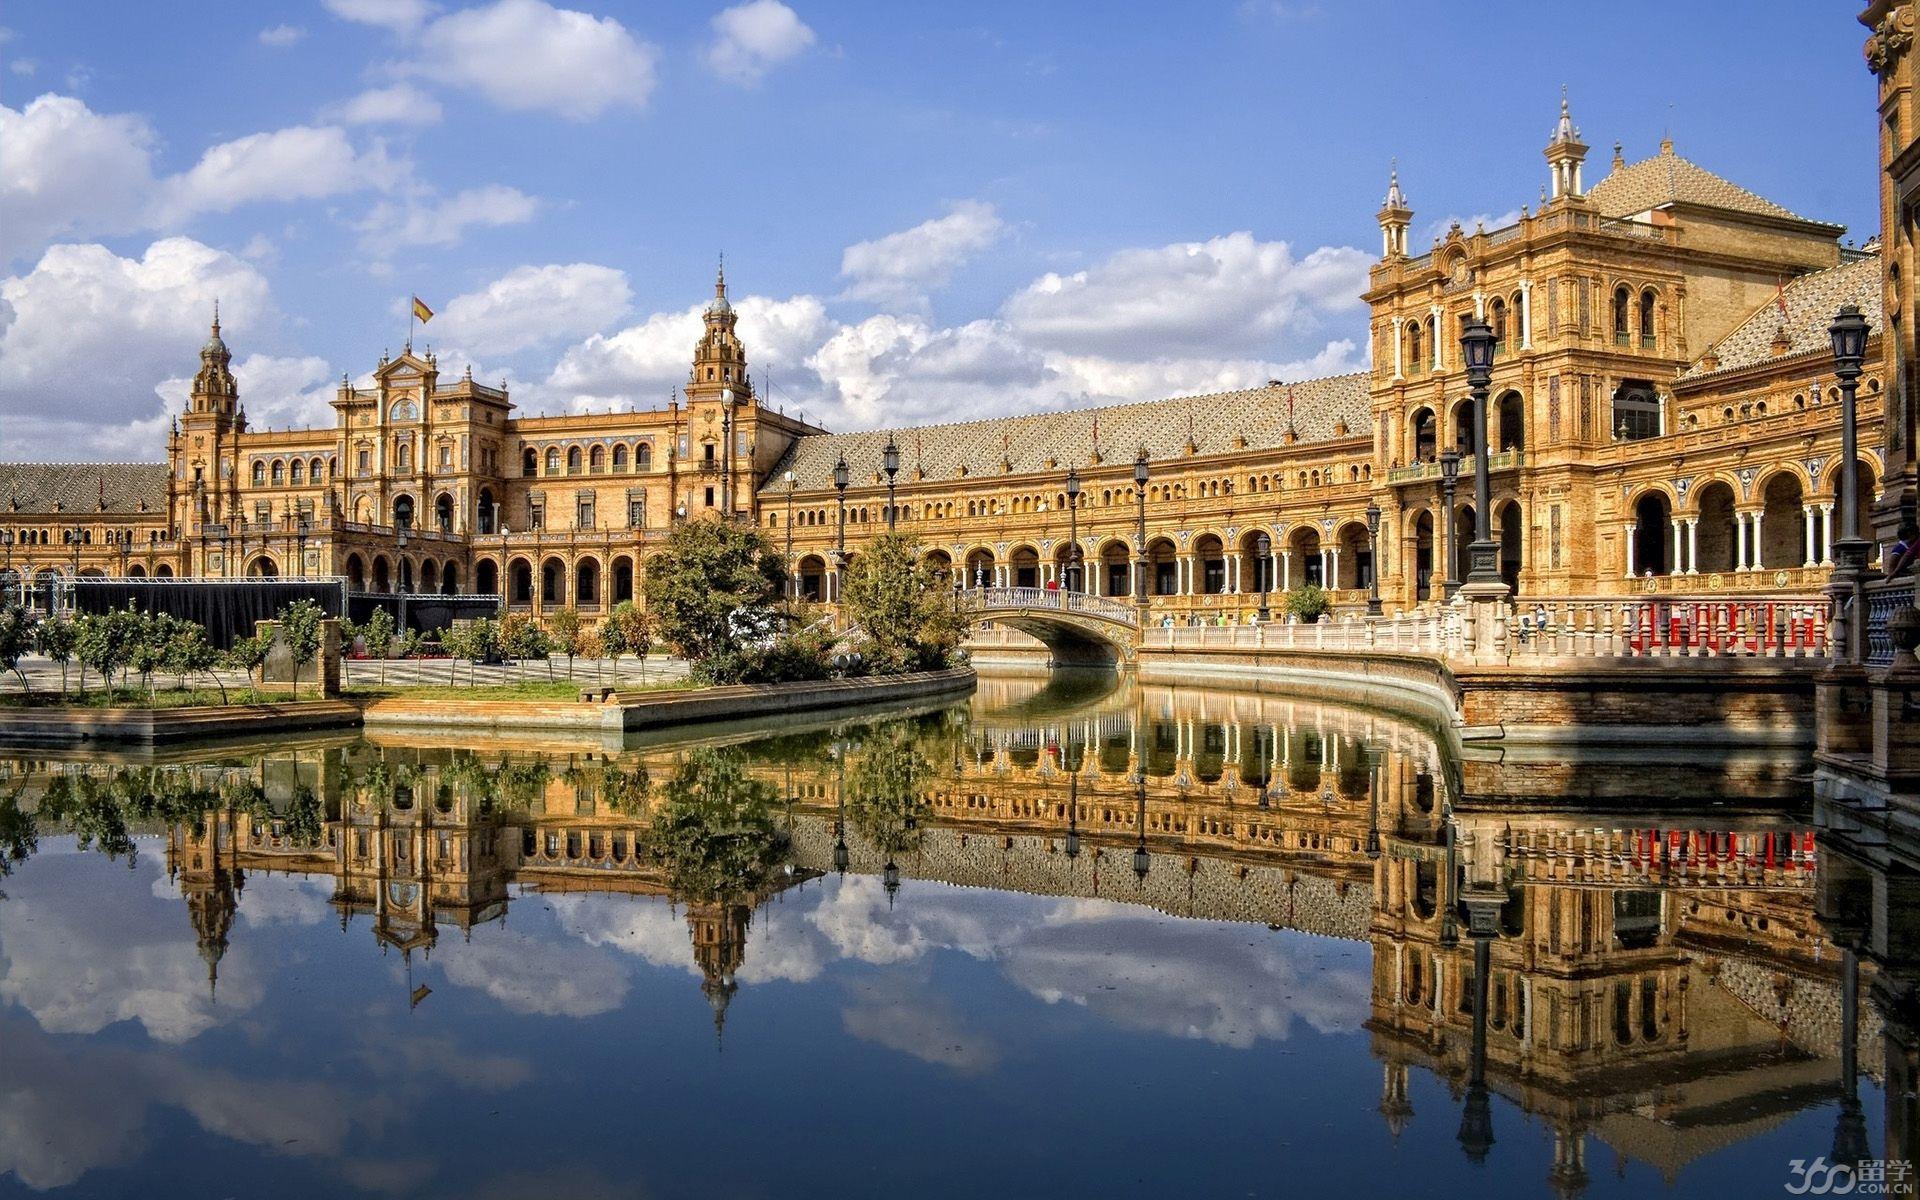 西班牙留学女生行李携带清单介绍